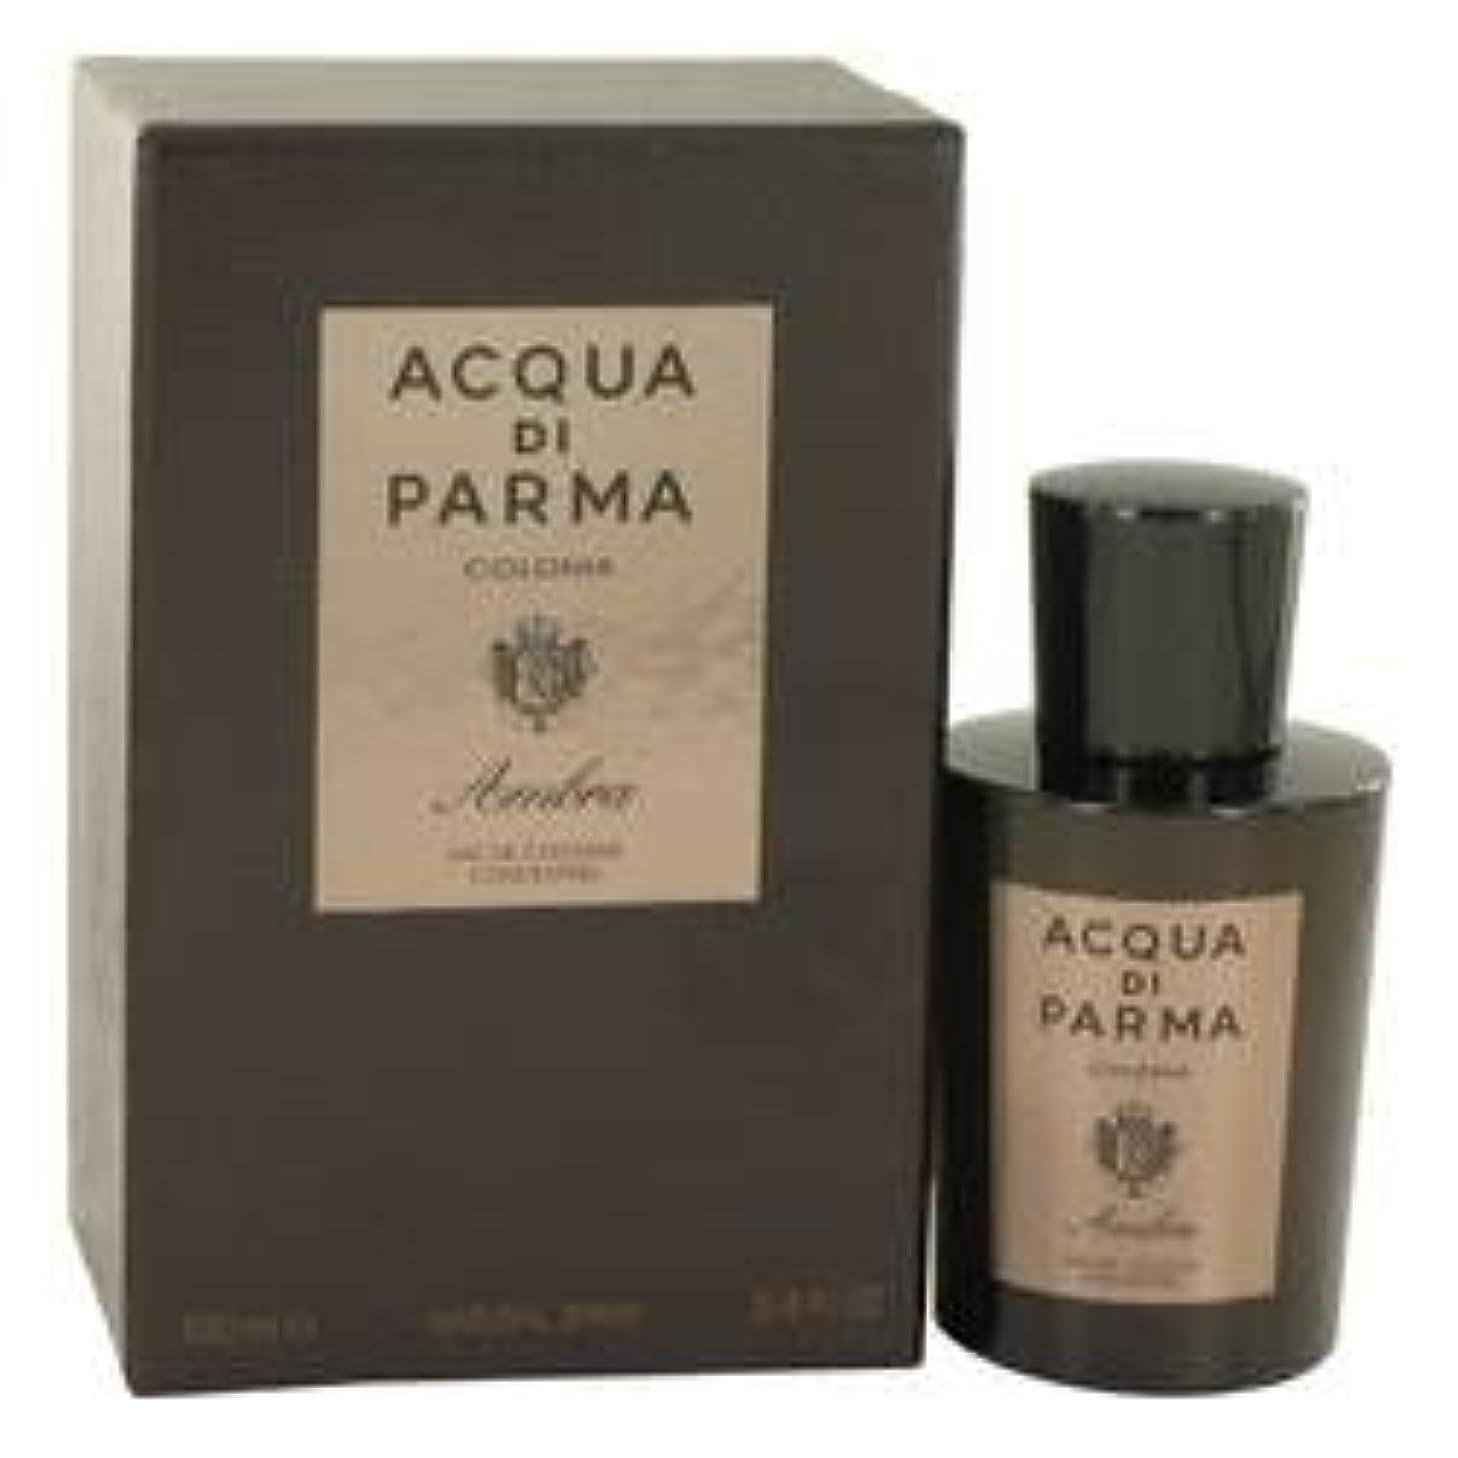 不愉快情報禁止するAcqua Di Parma Colonia Ambra Eau De Cologne Concentrate Spray By Acqua Di Parma